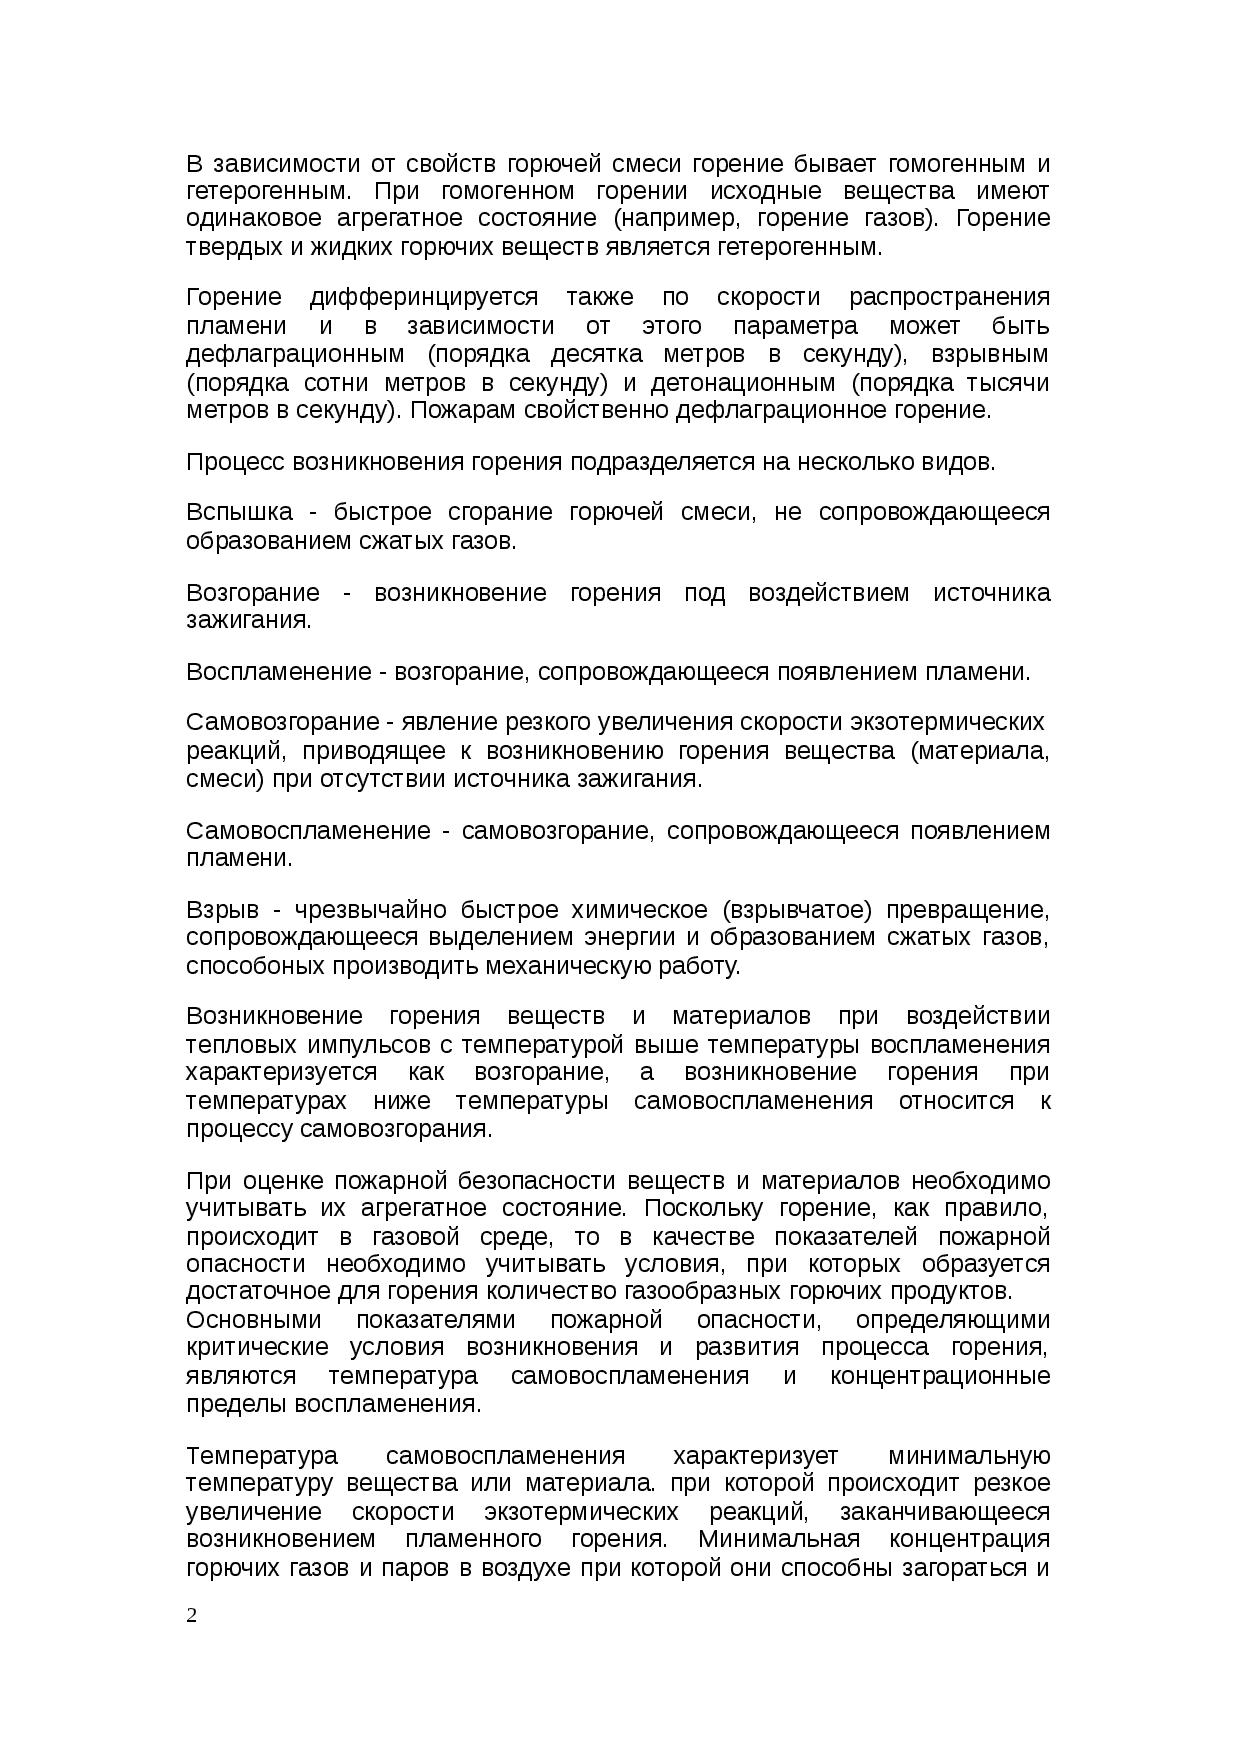 Температура - самонагревание  - большая энциклопедия нефти и газа, статья, страница 3